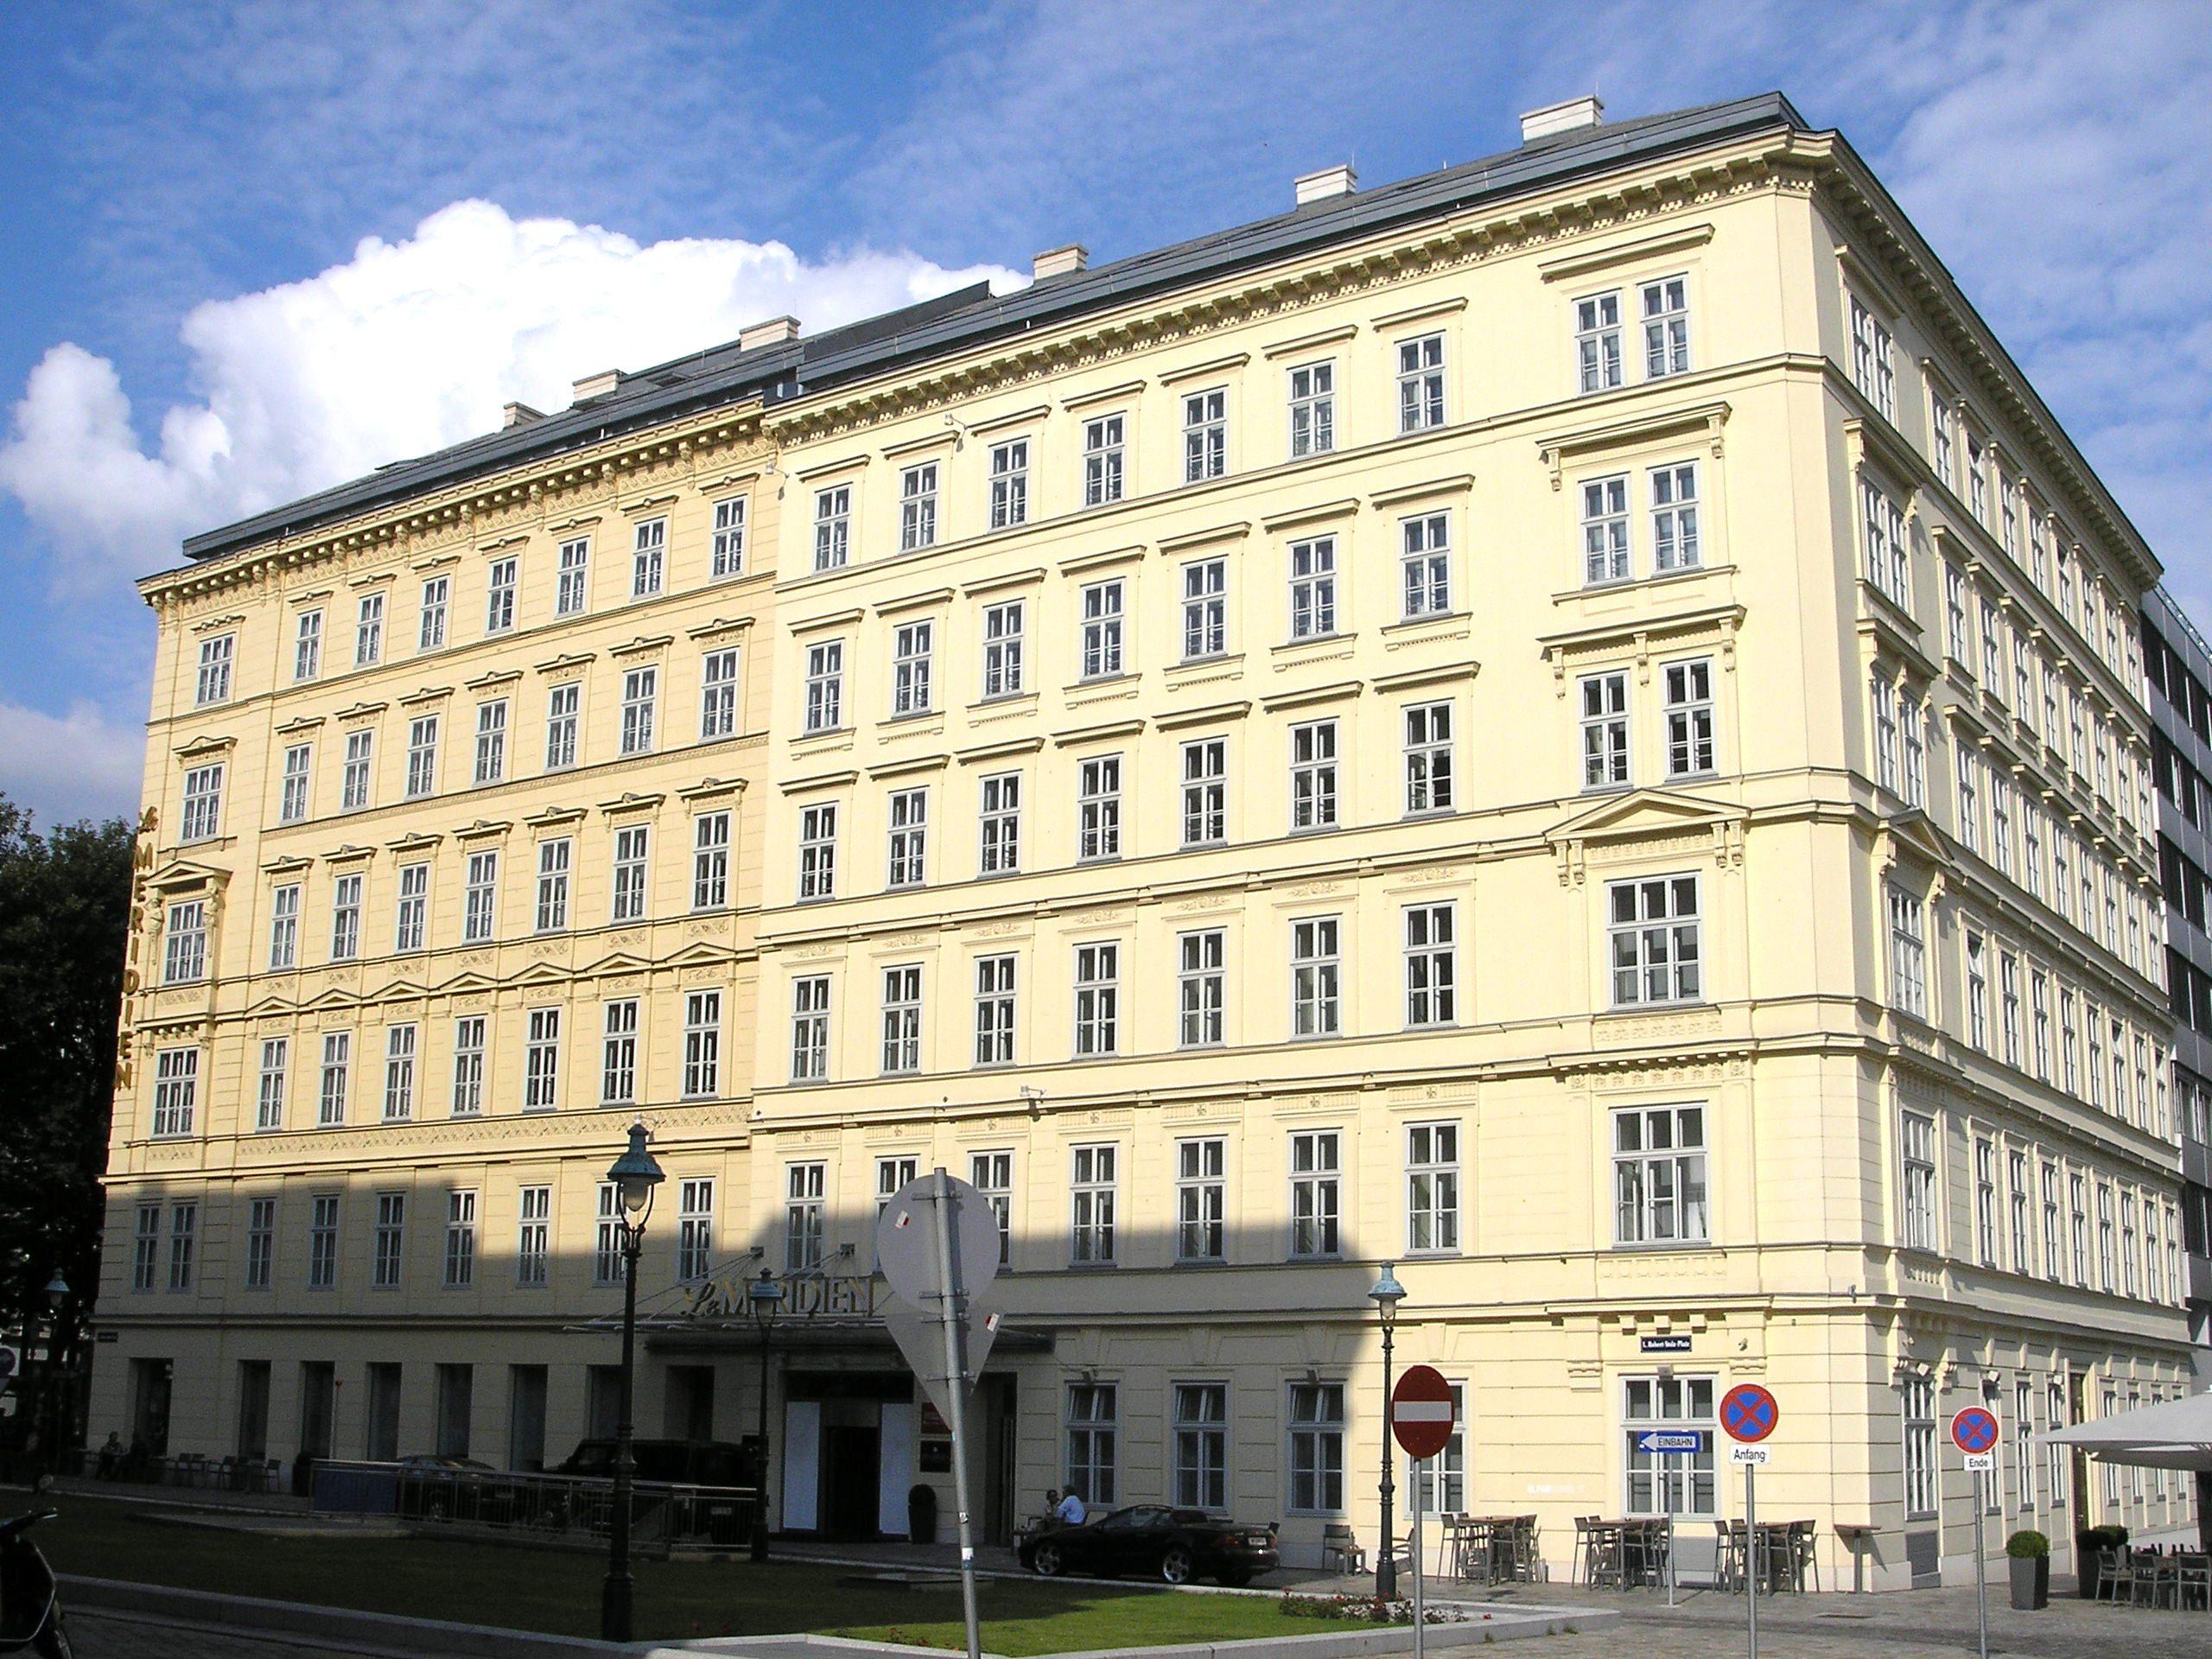 Le Meridien Wien Hotel